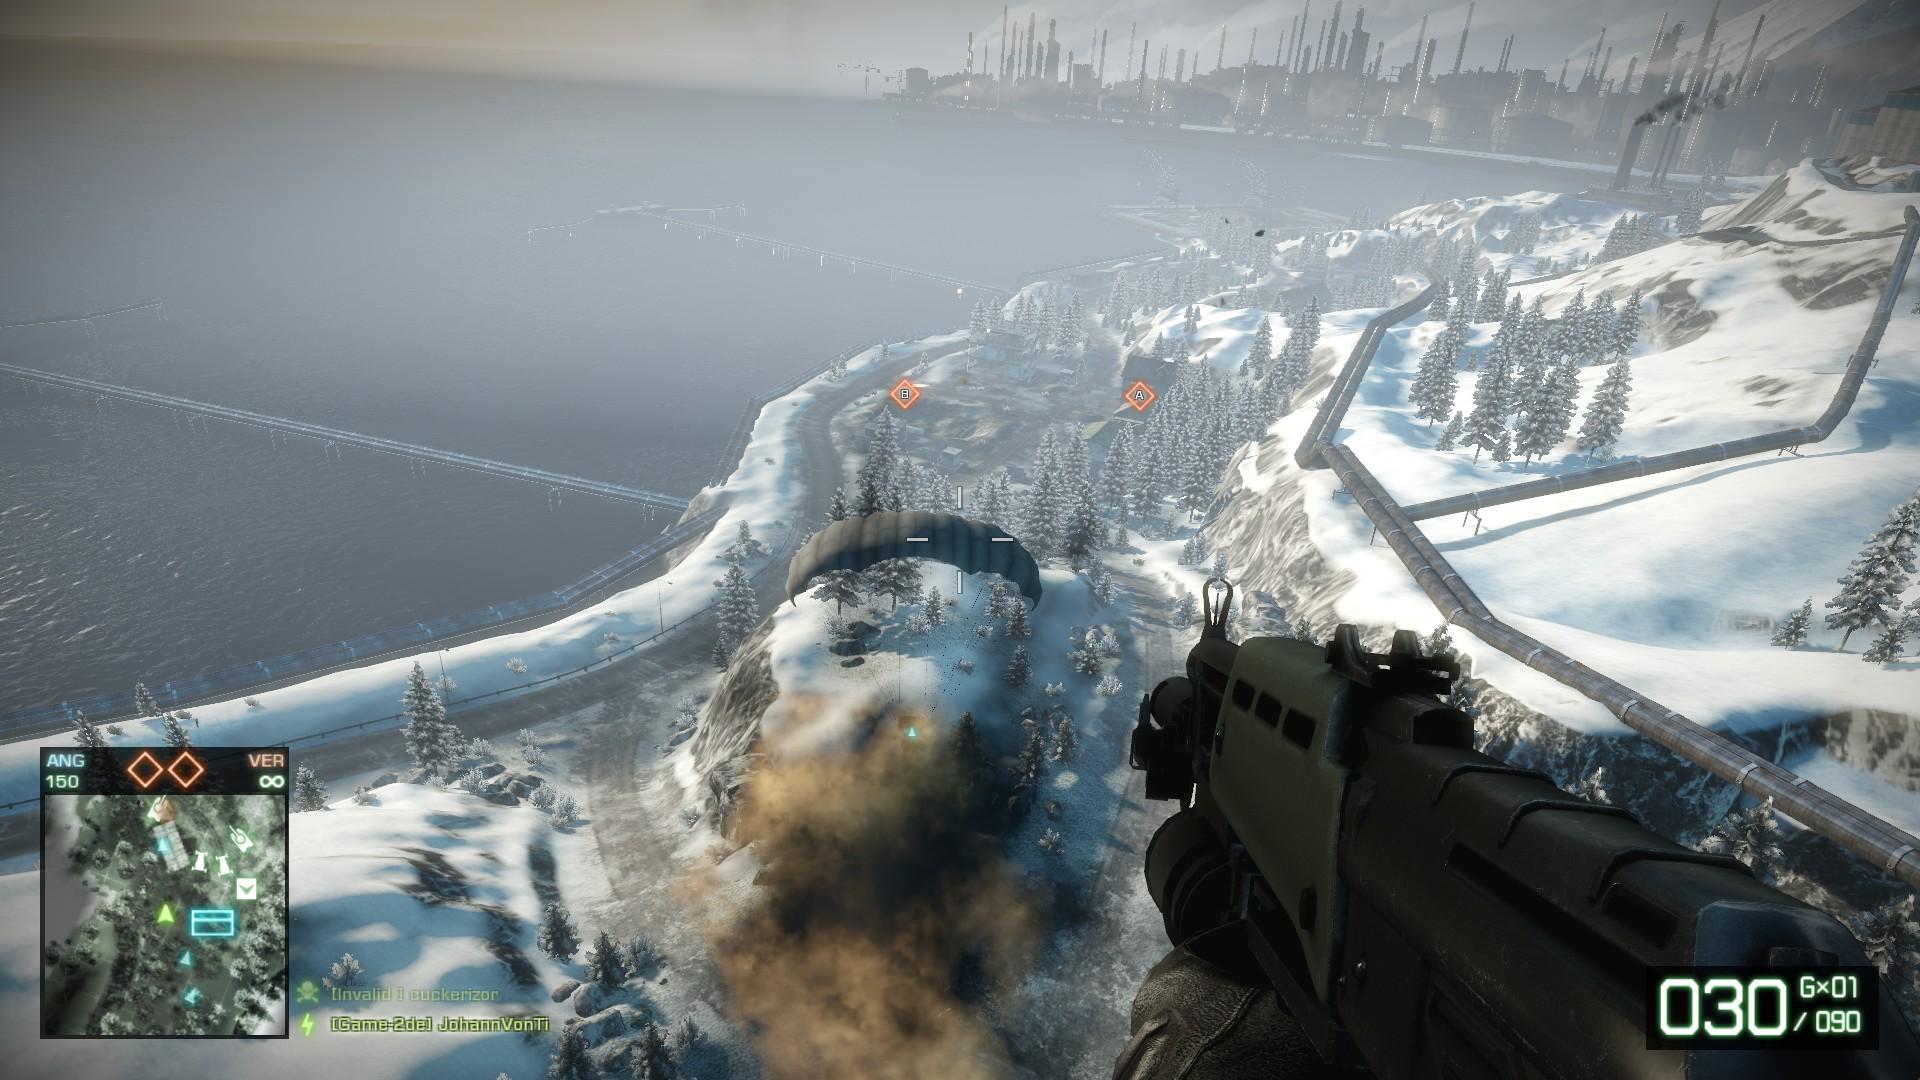 Battlefield Bad Company 2 - Mit dem Fallschirm in den Kampf